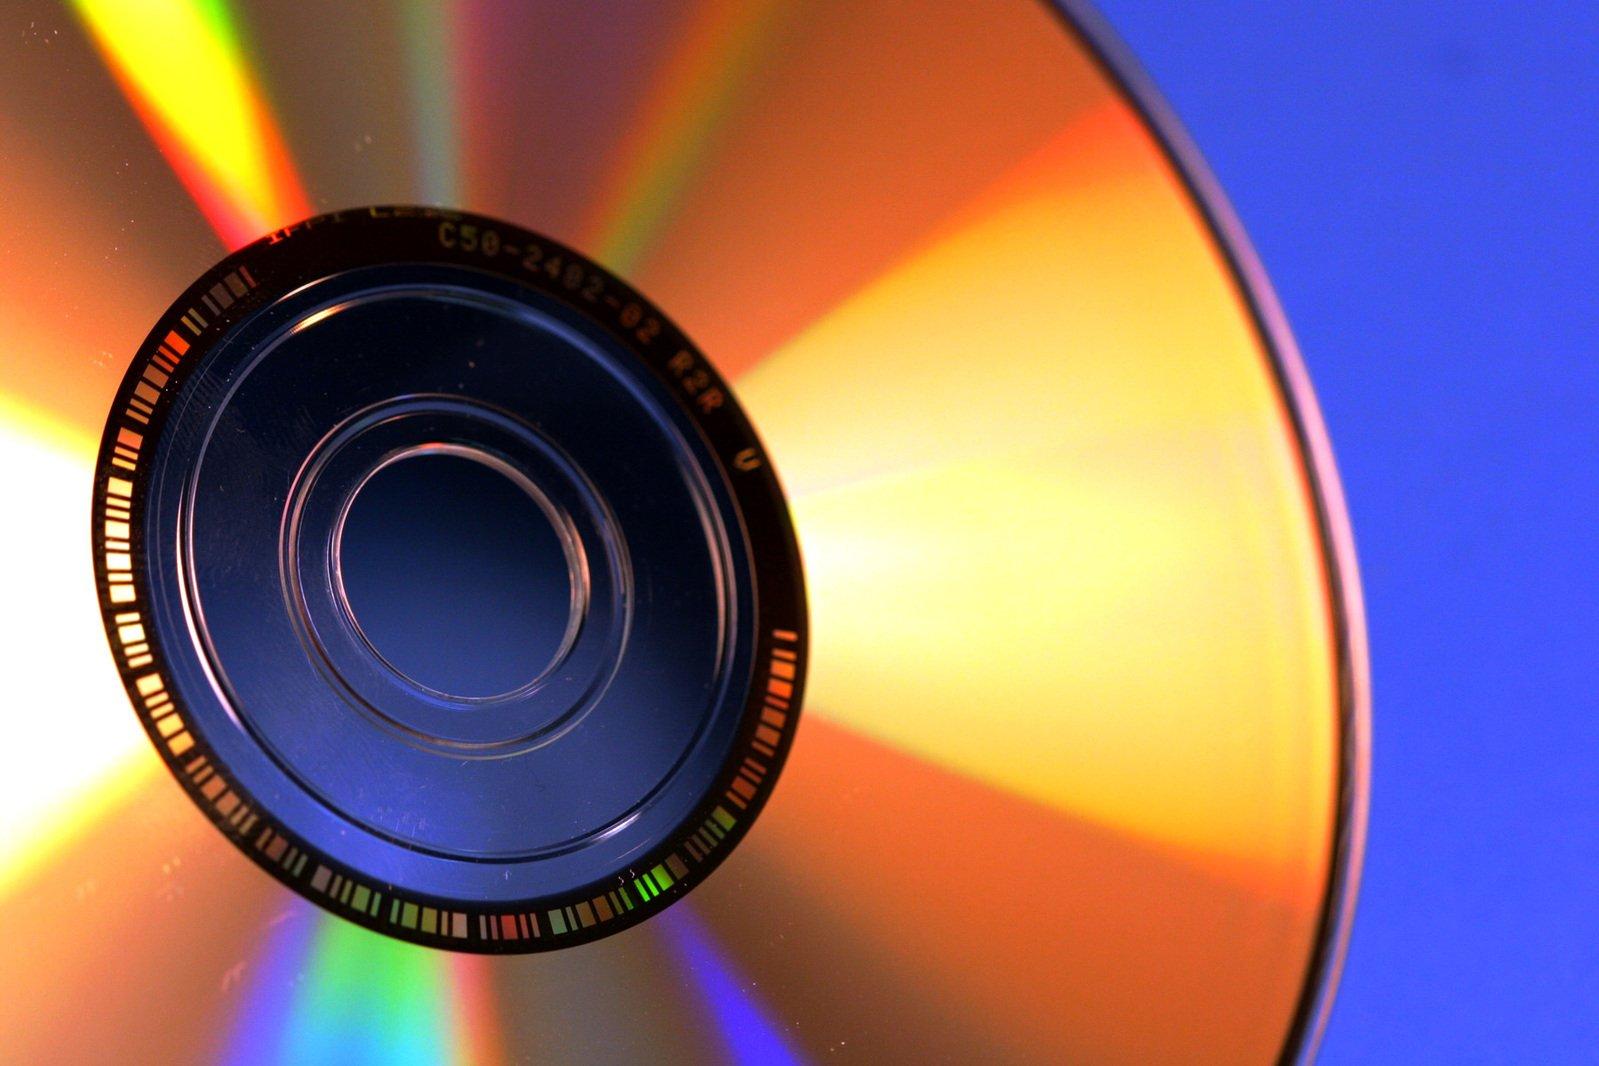 CD-Rom 2